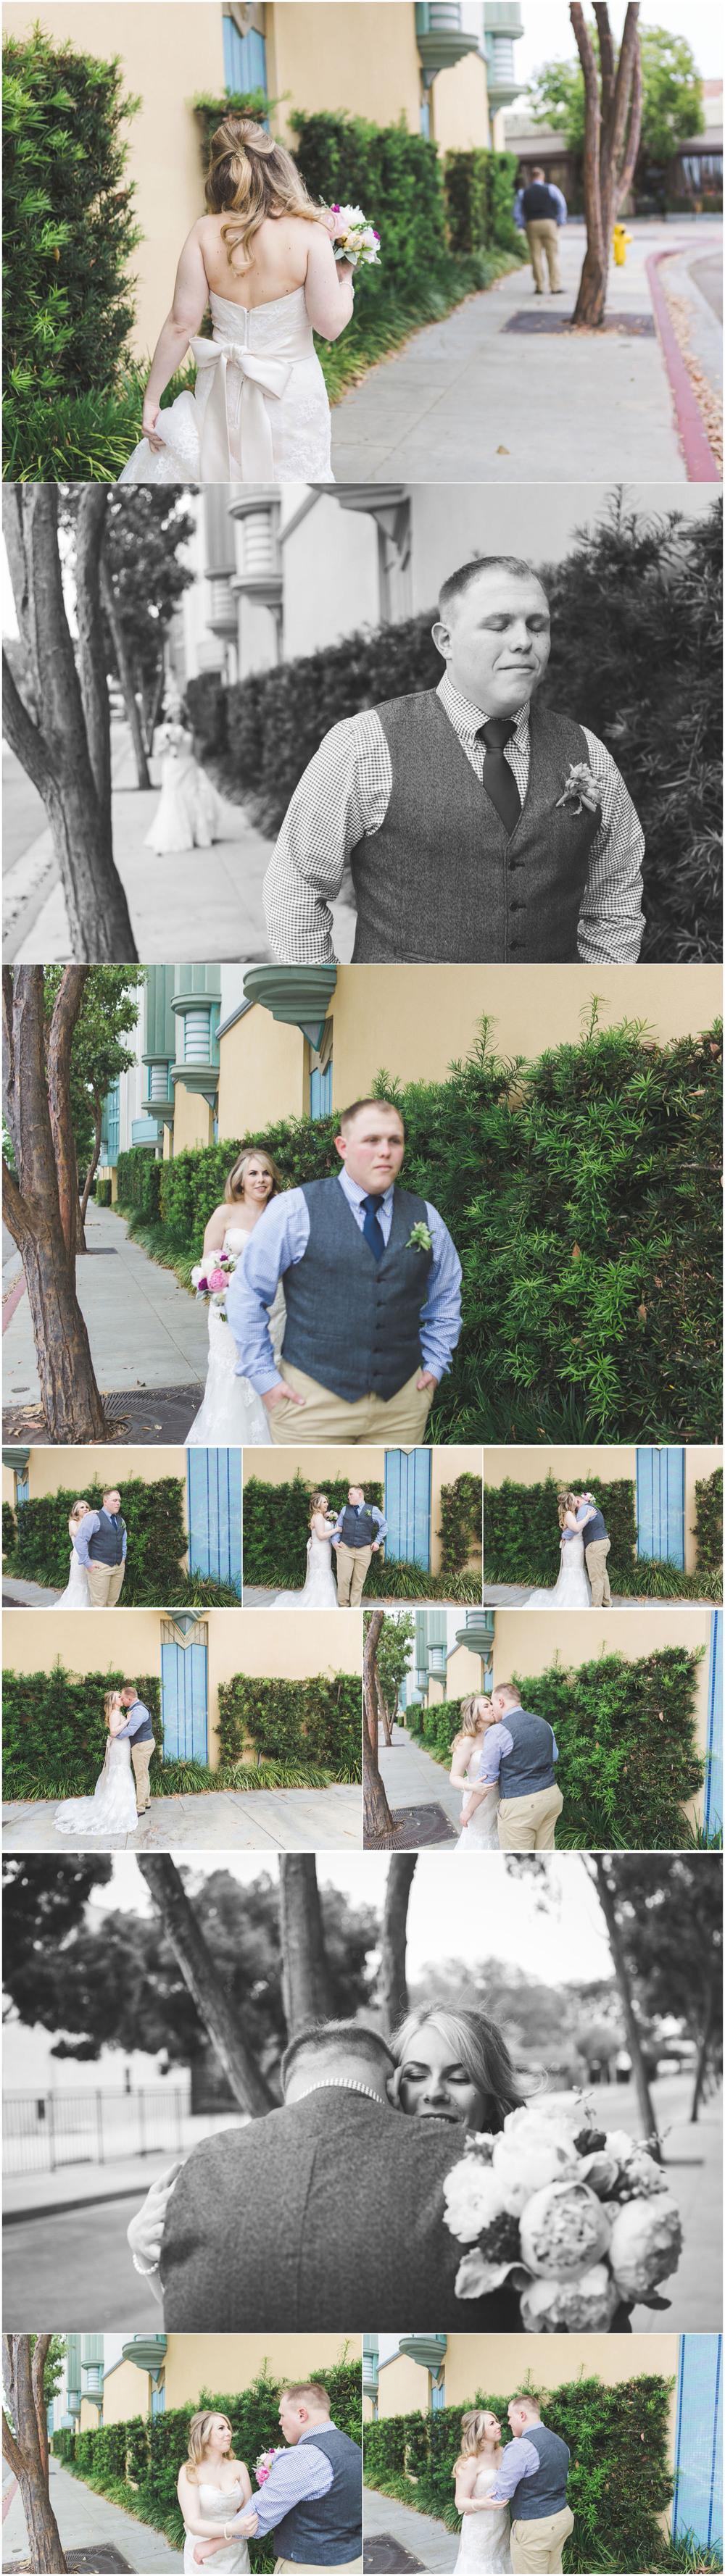 ashley vos photography seattle area wedding photographer courthouse wedding backyard wedding seattle washington_0109.jpg